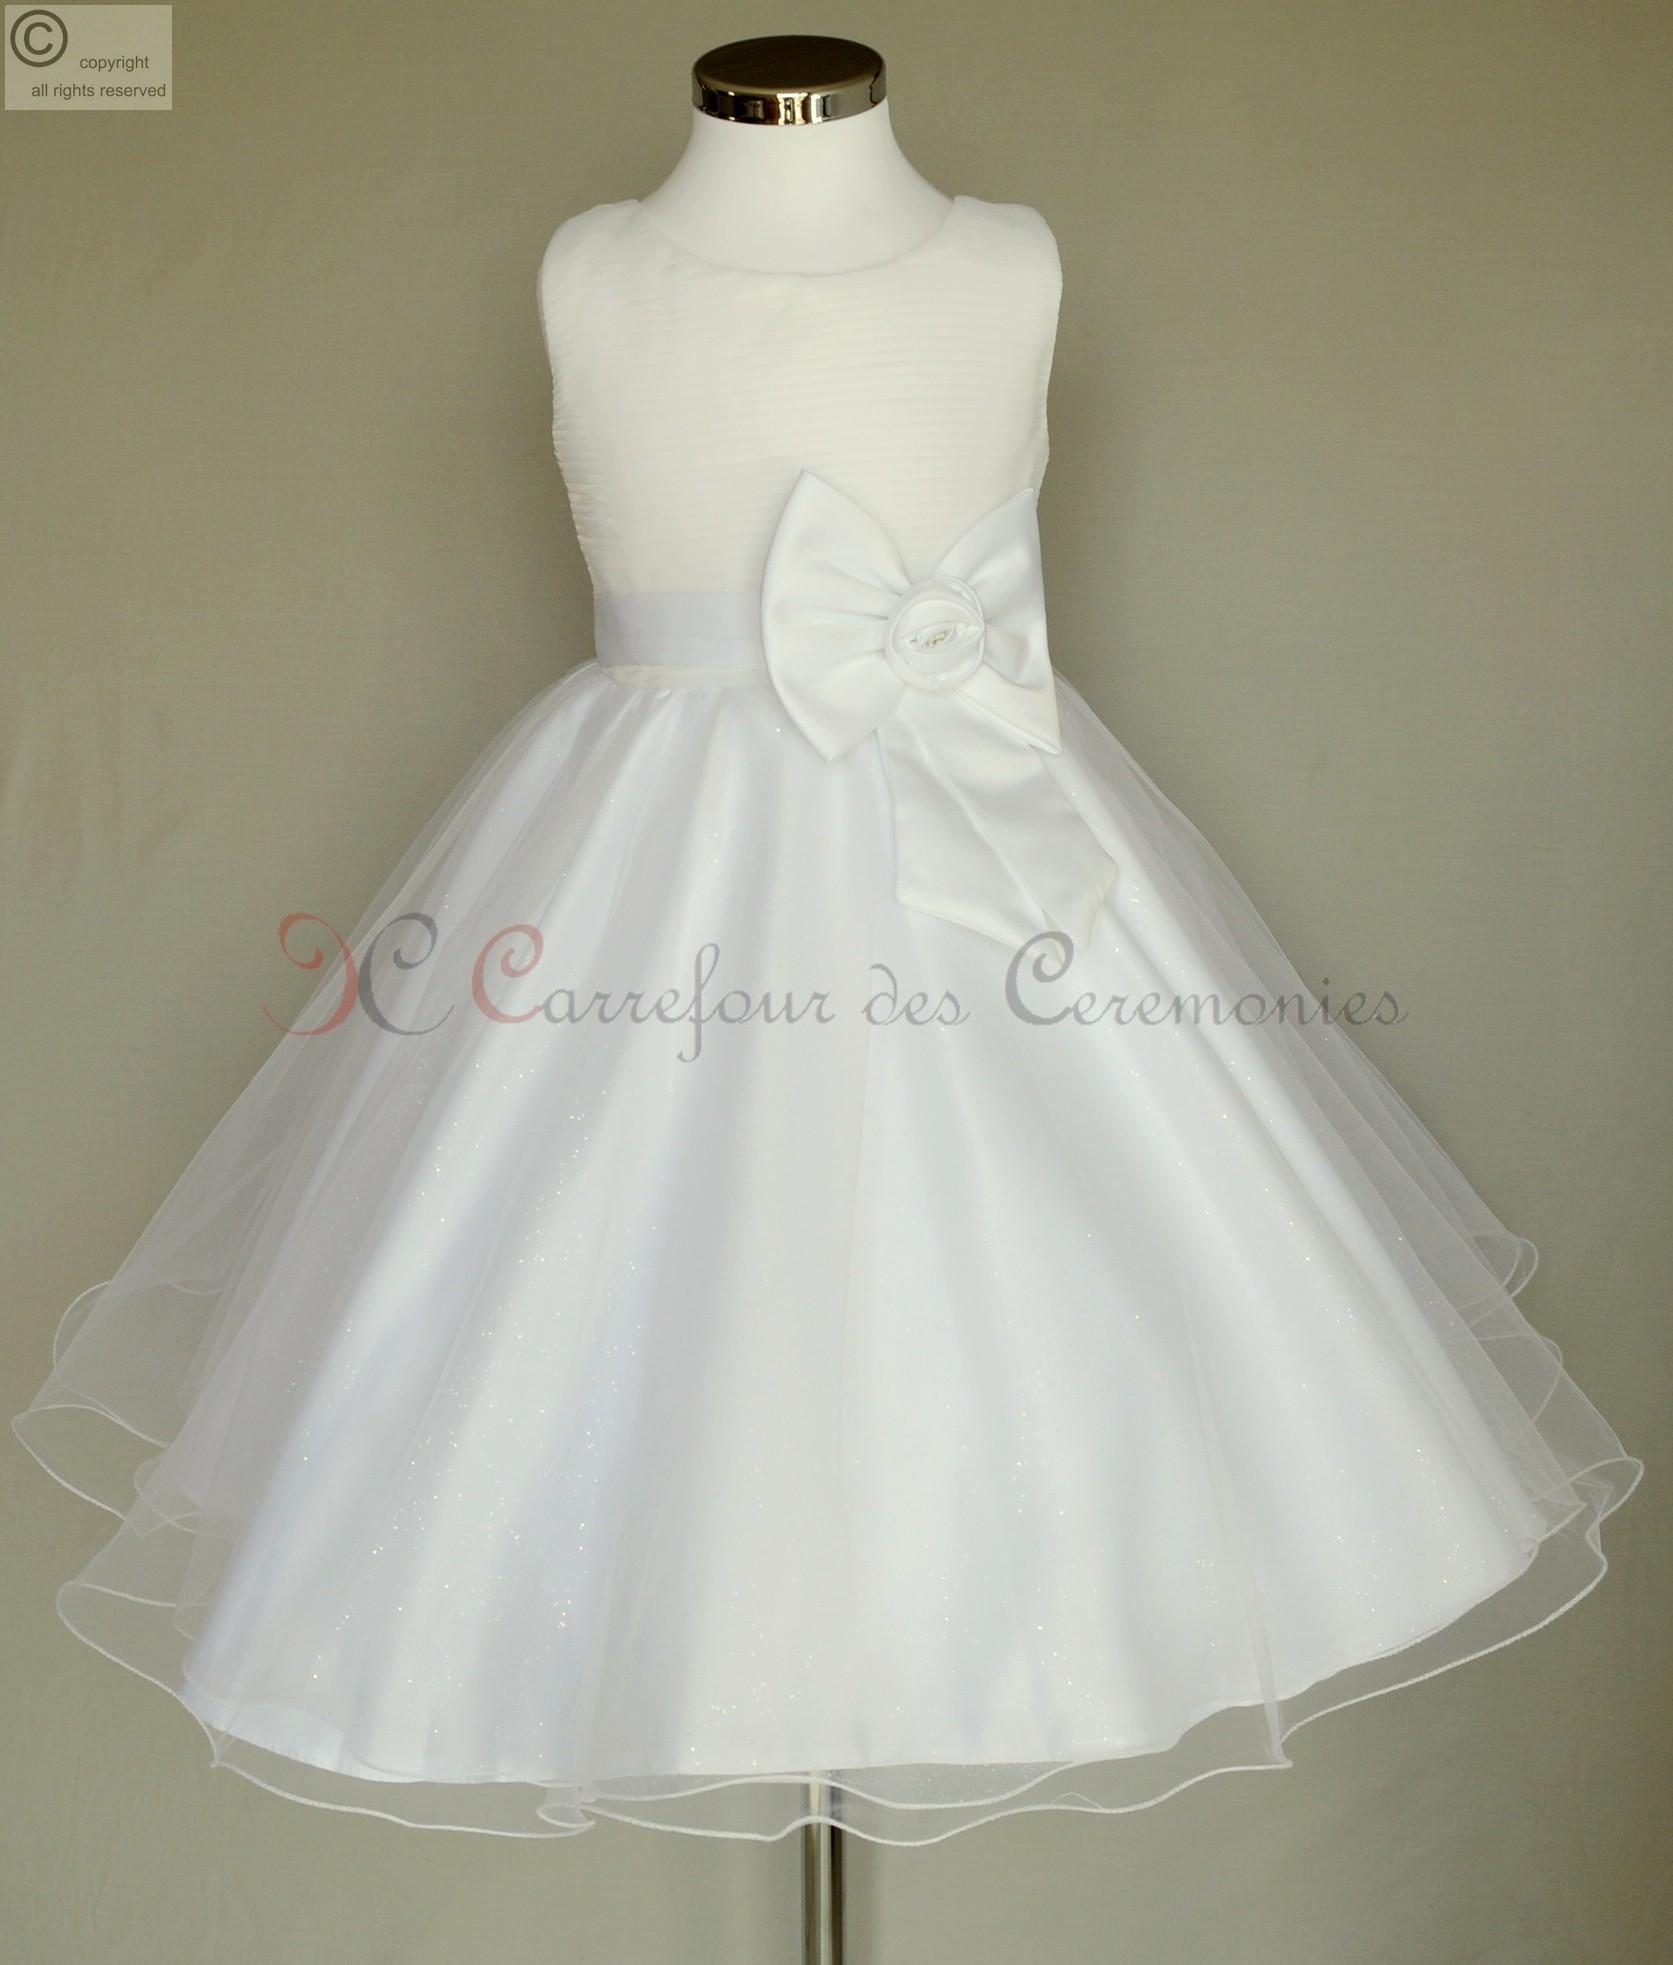 Communion Pour Fille Aliexpress Robe Vêtement QdrxWBoeC